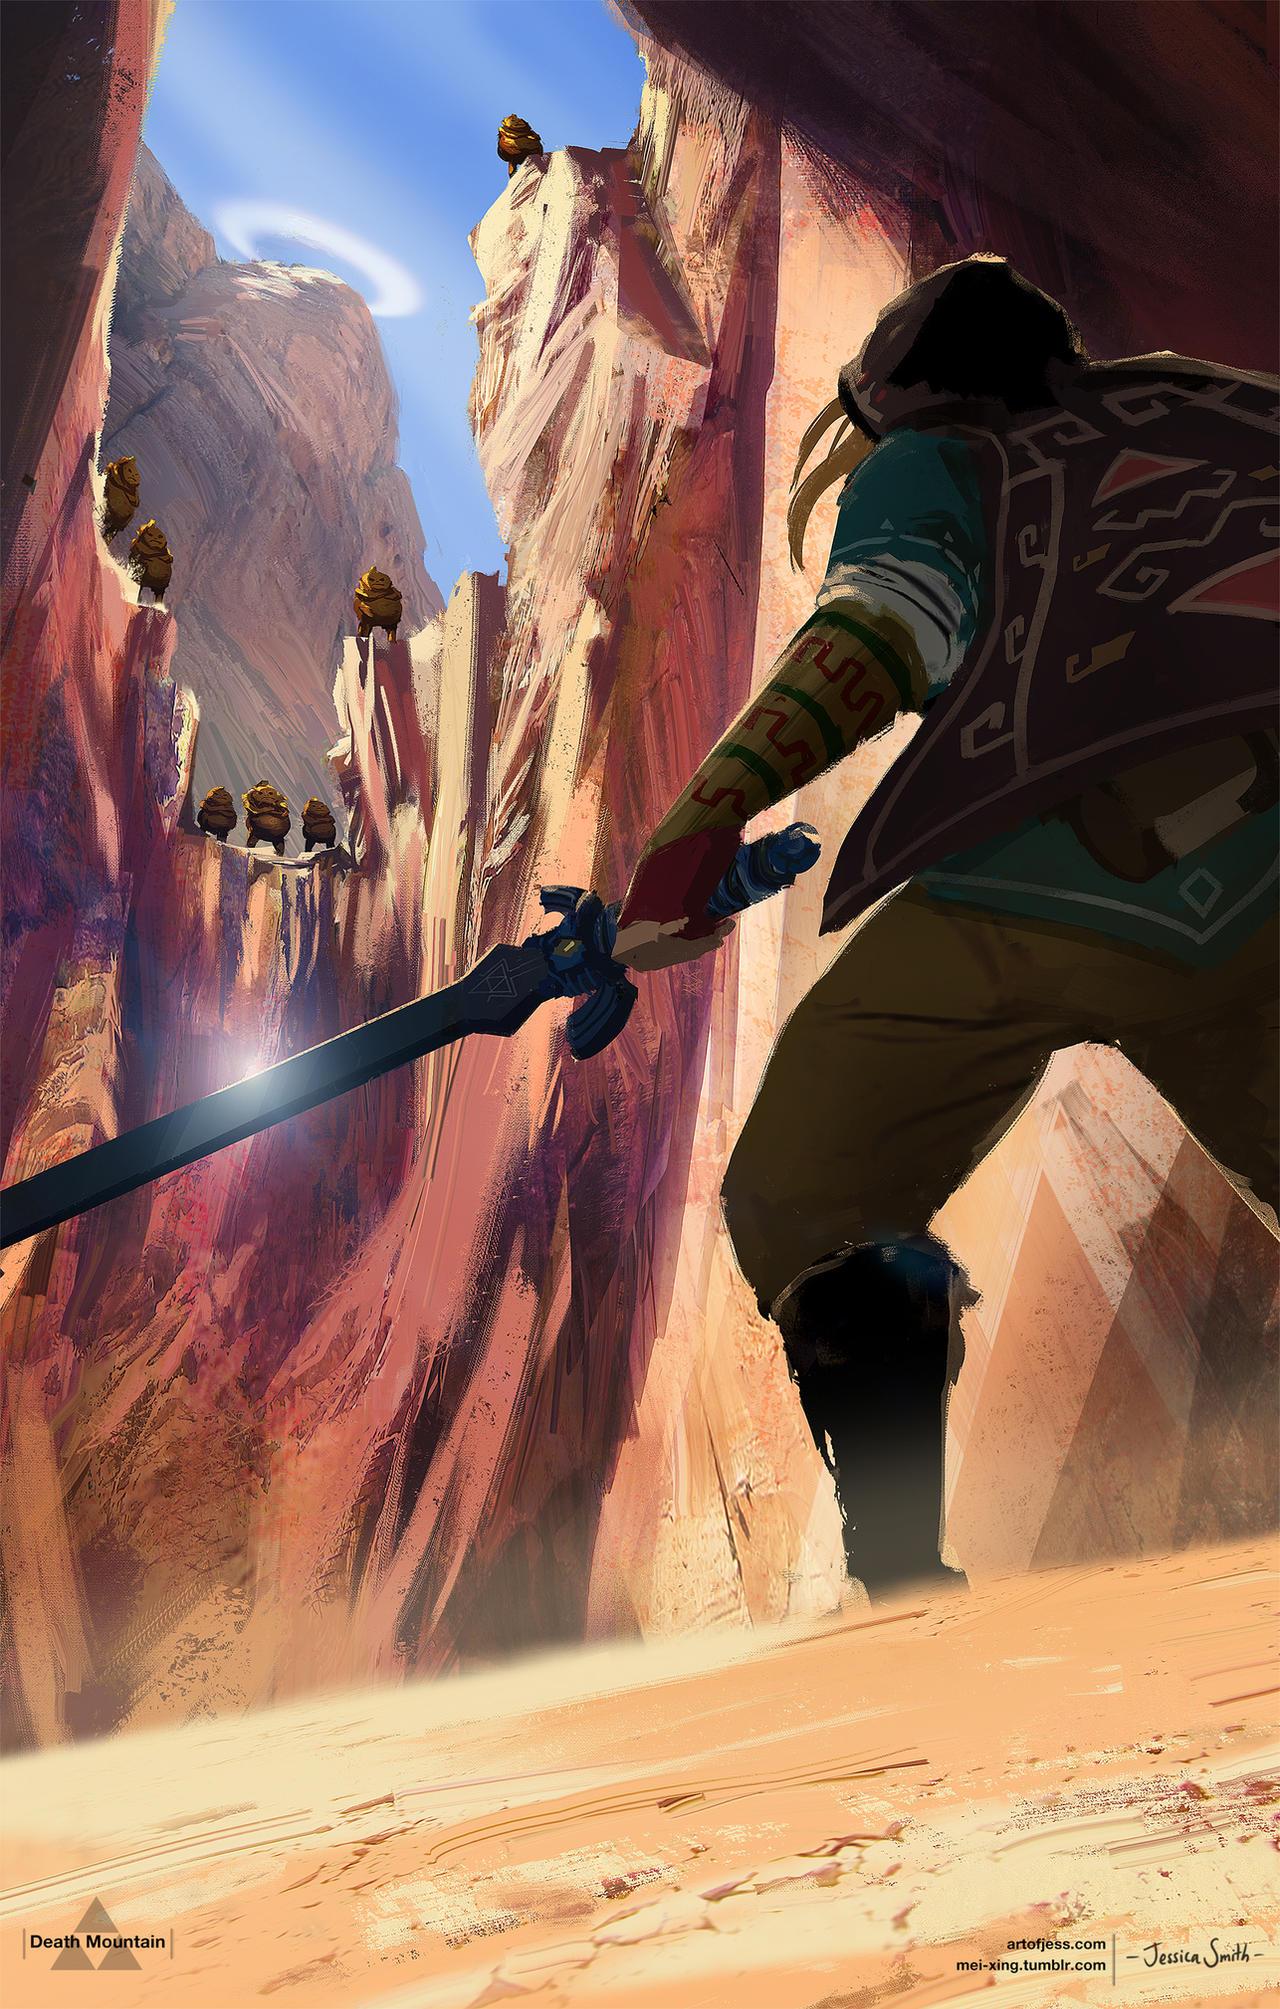 Death Mountain - Zelda Open World by Mei-Xing